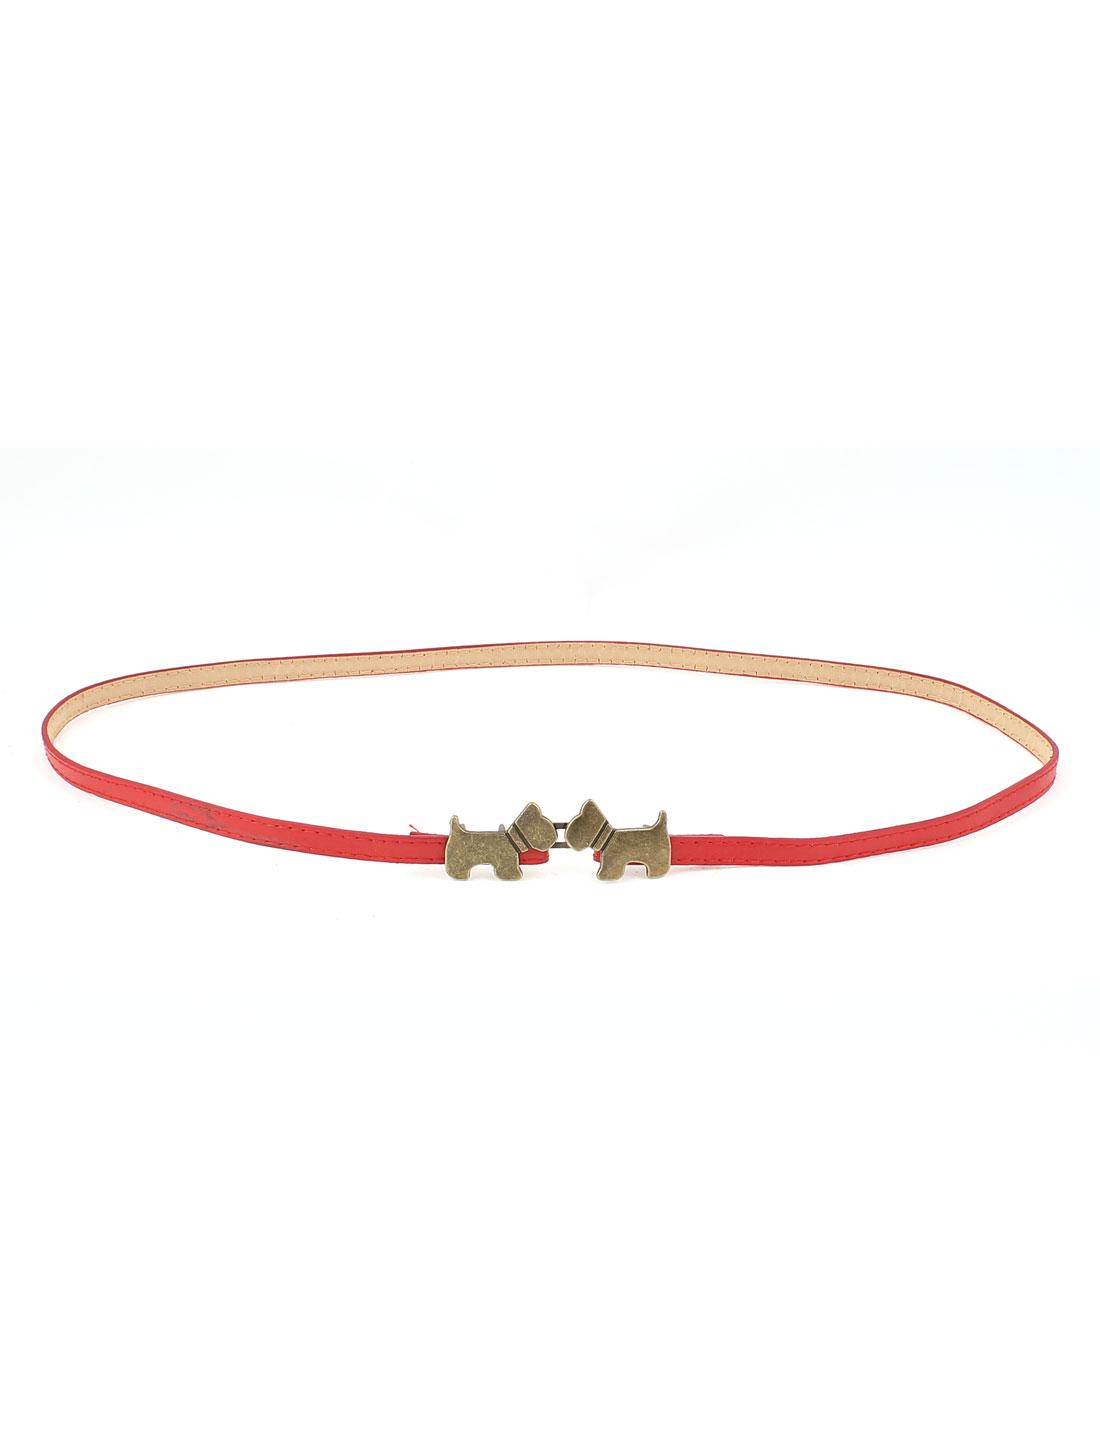 Women Red Gold Tone Metal Interlock Buckle Adjustable Waist Belt Waistband